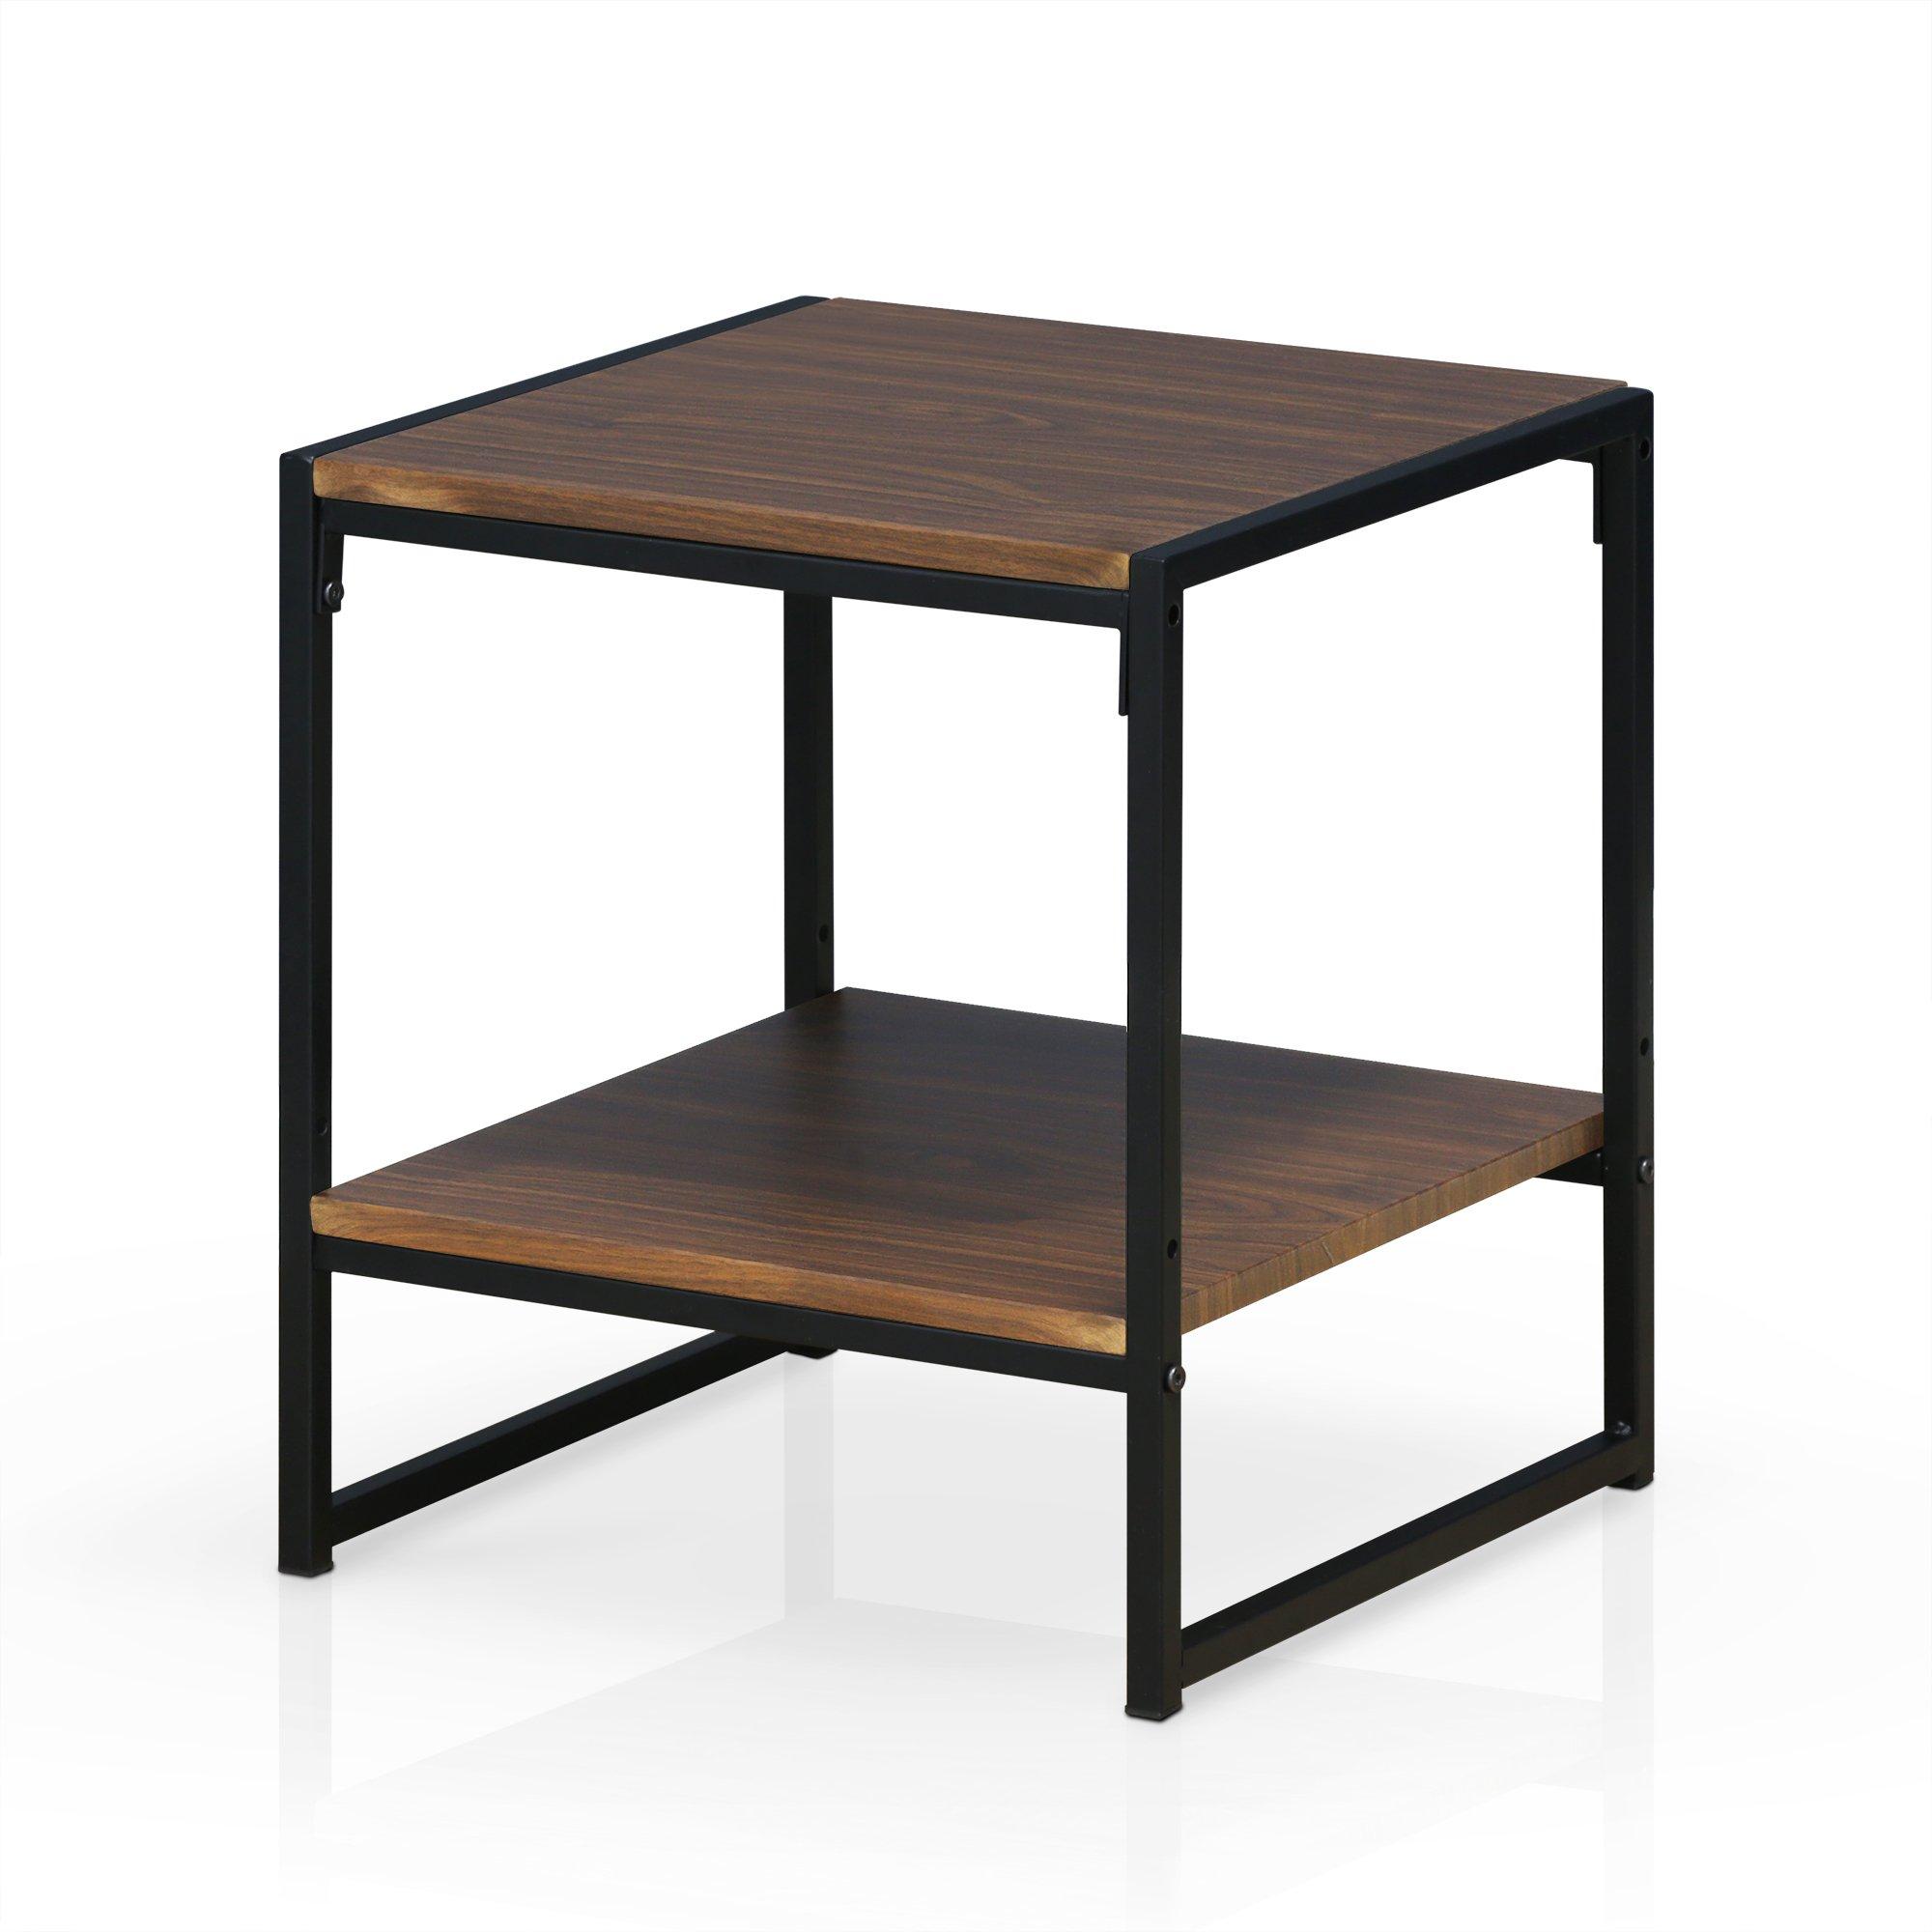 Furinno FM4045ST-2DW Modern Lifestyle 2-Tier End Table, Dark Walnut by Furinno